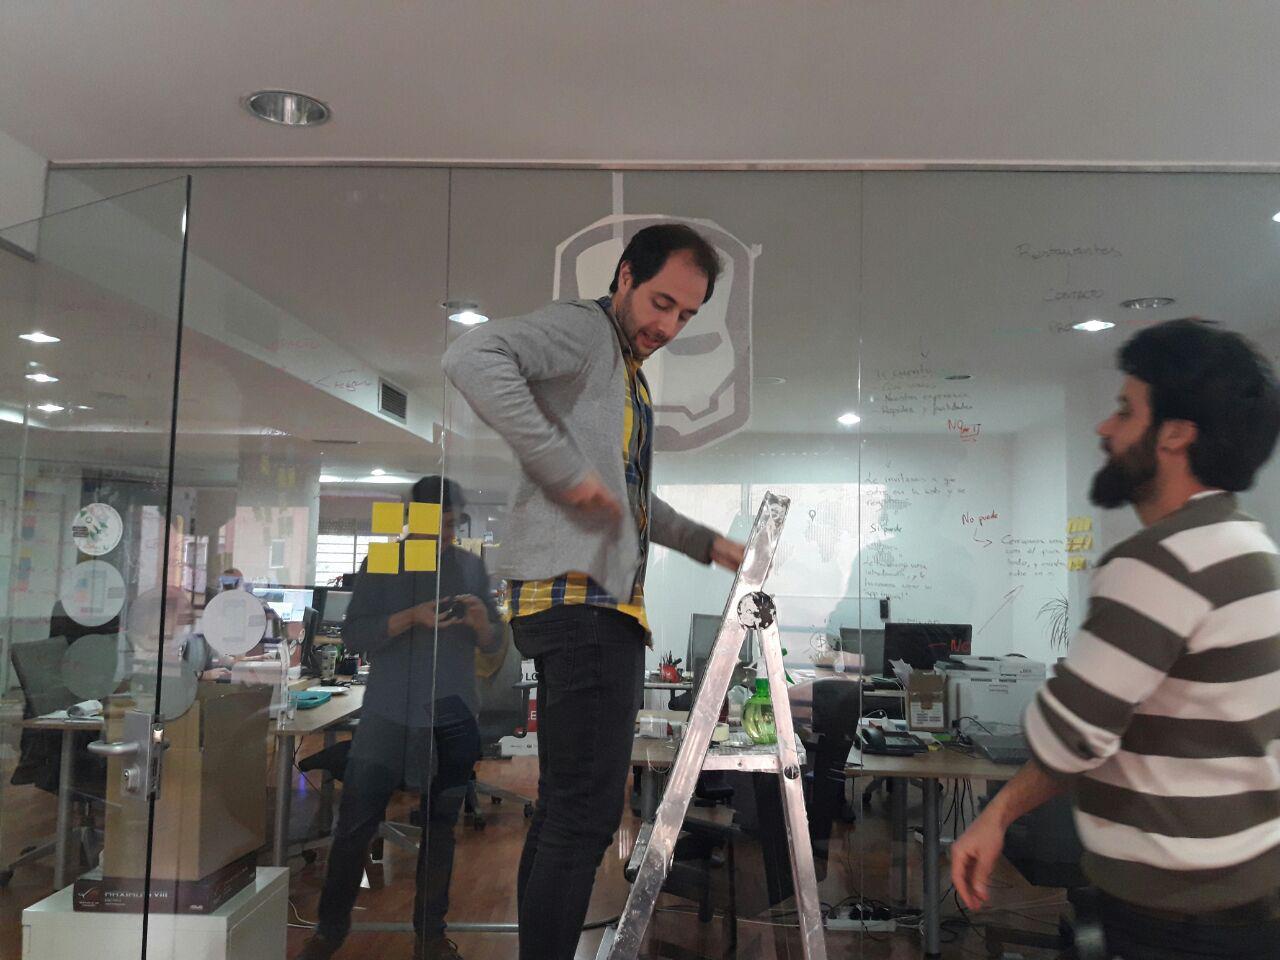 Preparando Sala Ironman Pepe en acción